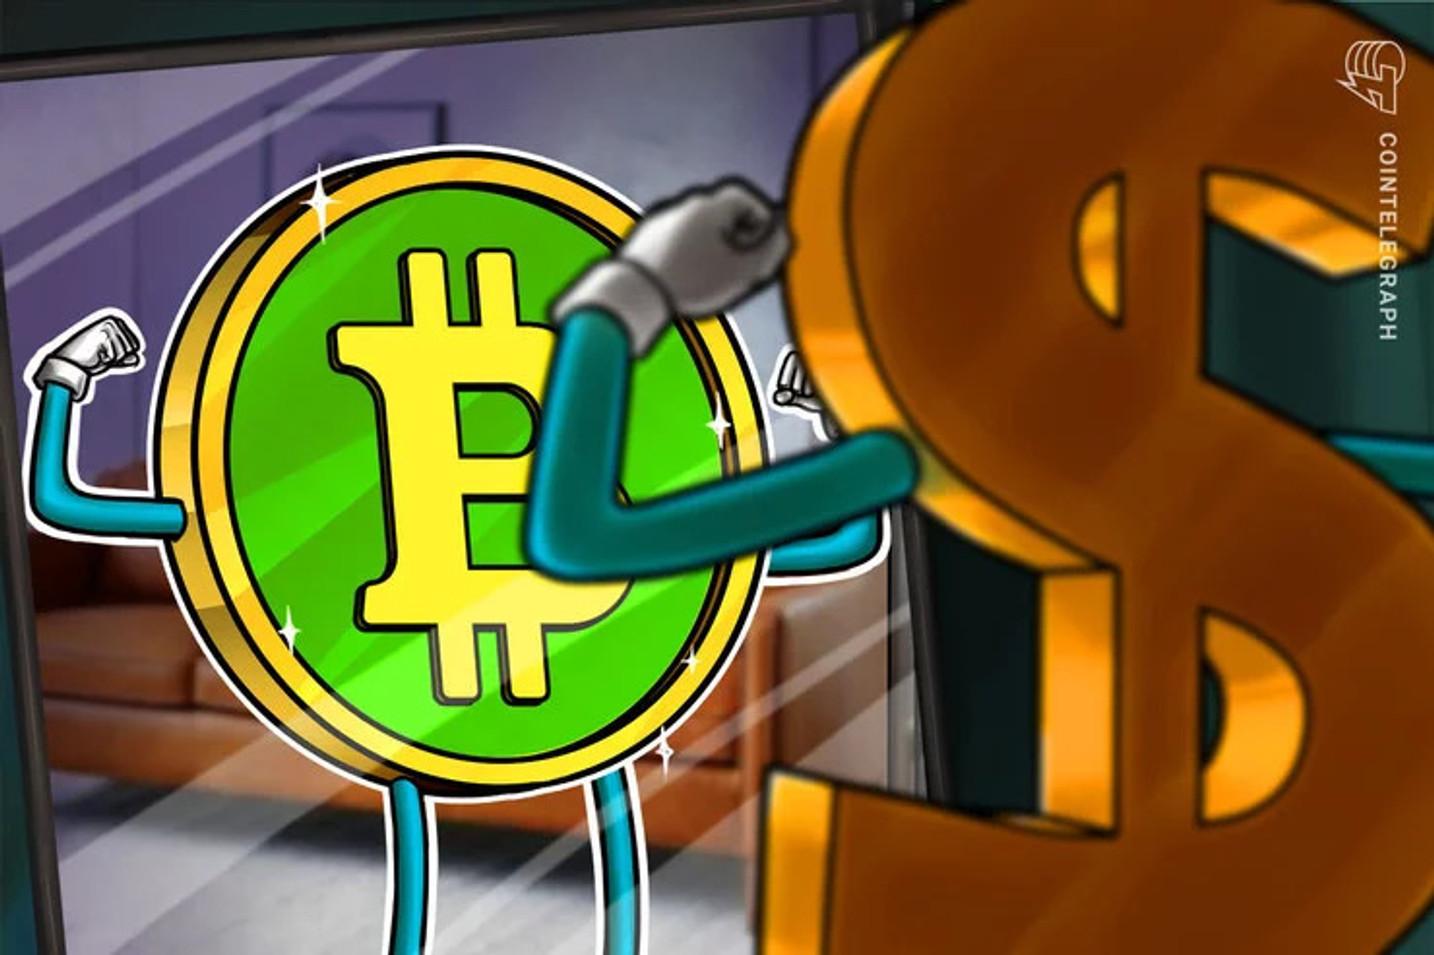 ¿Bitcoin Cash desplazará a Ripple del tercer puesto del ranking general de criptomonedas antes de su próximo halving?